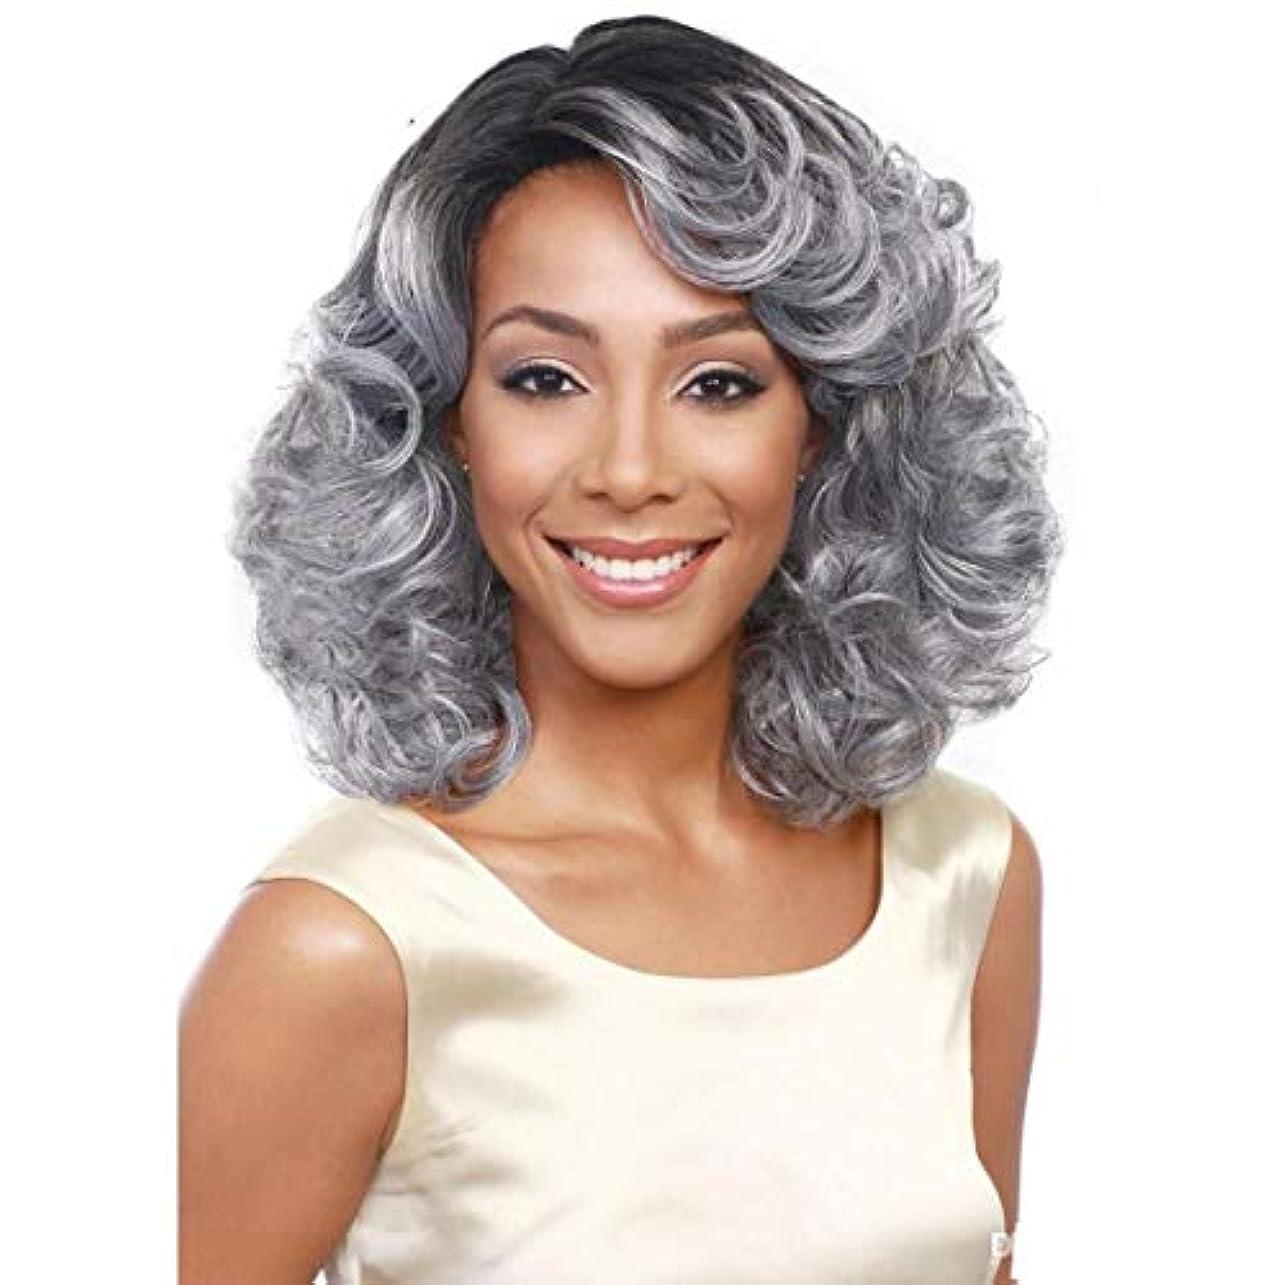 鳴り響くコンピューター魔女Summerys ソフト&スムーズ女性のためのグレーの短い巻き毛の化学繊維高温ワイヤーをかつら